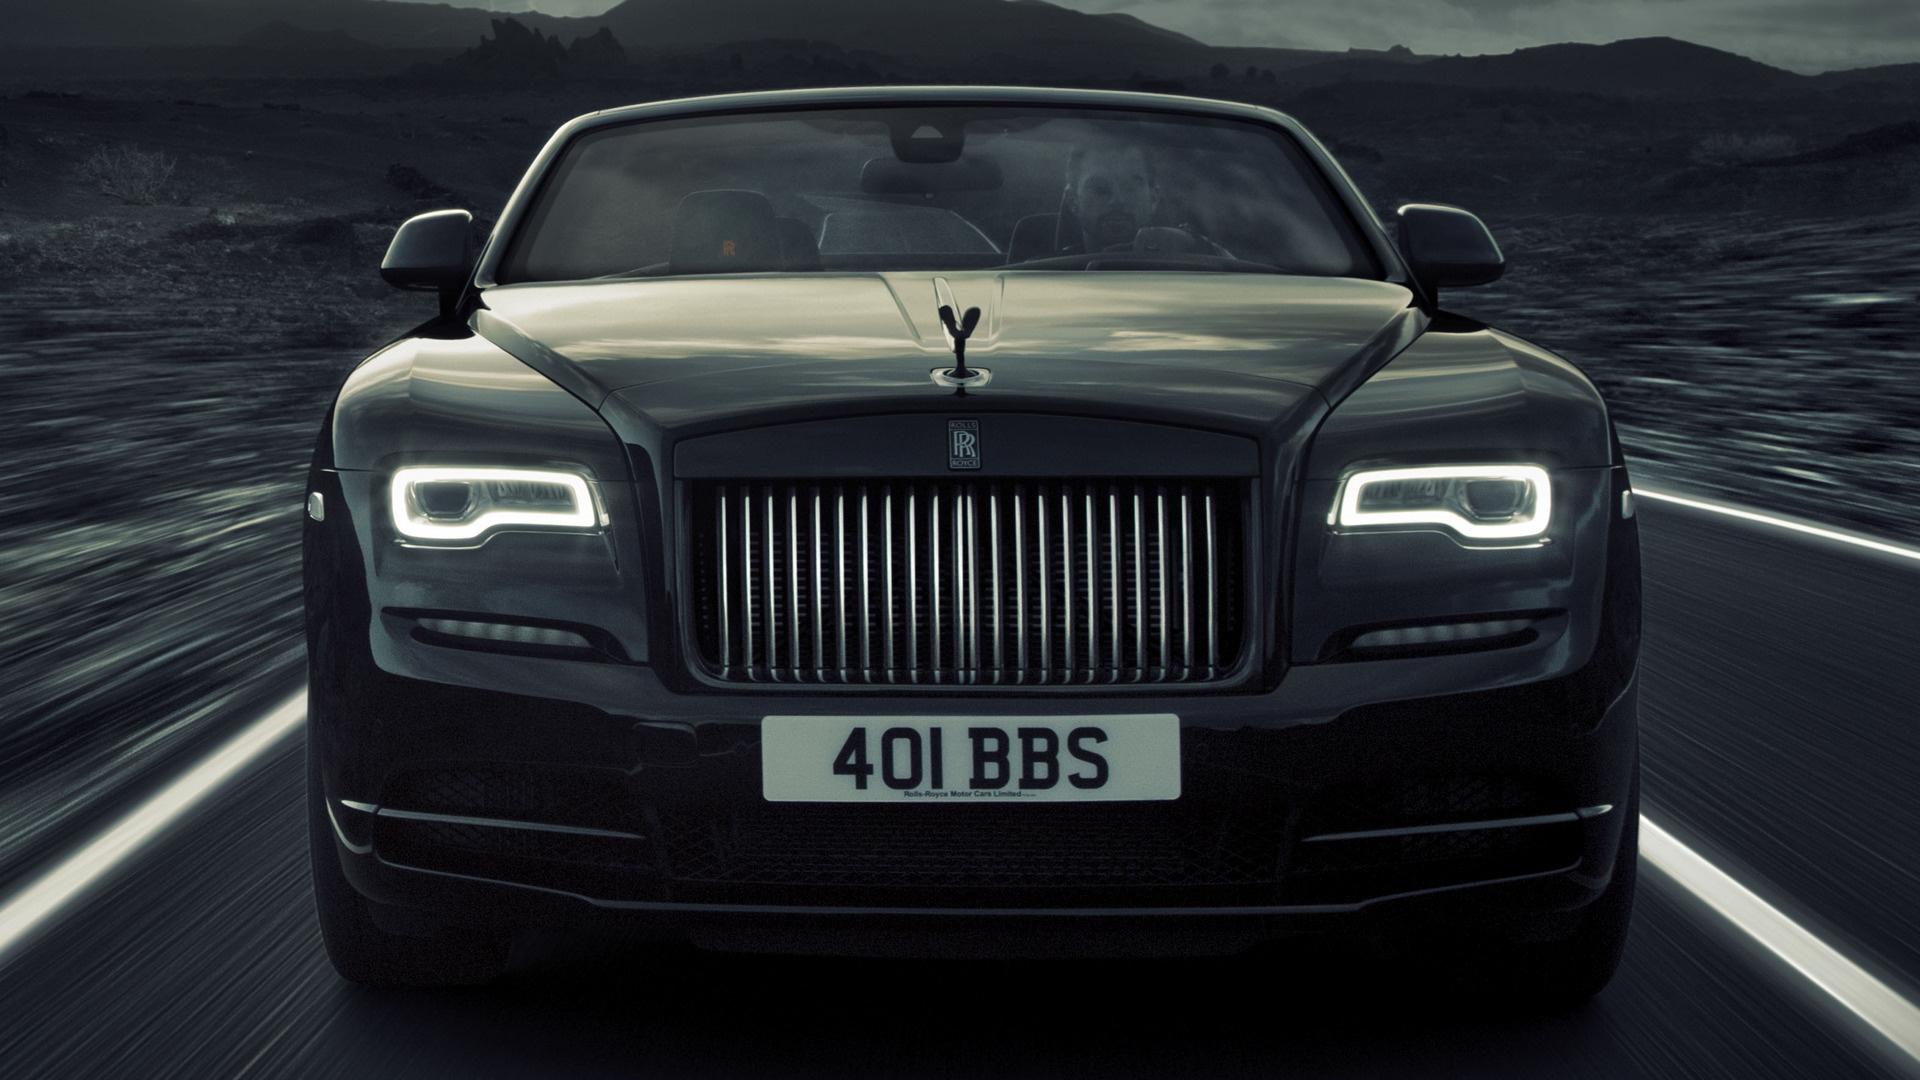 Rolls Royce Wallpaper Hd Rolls Royce 169440 Hd Wallpaper Backgrounds Download